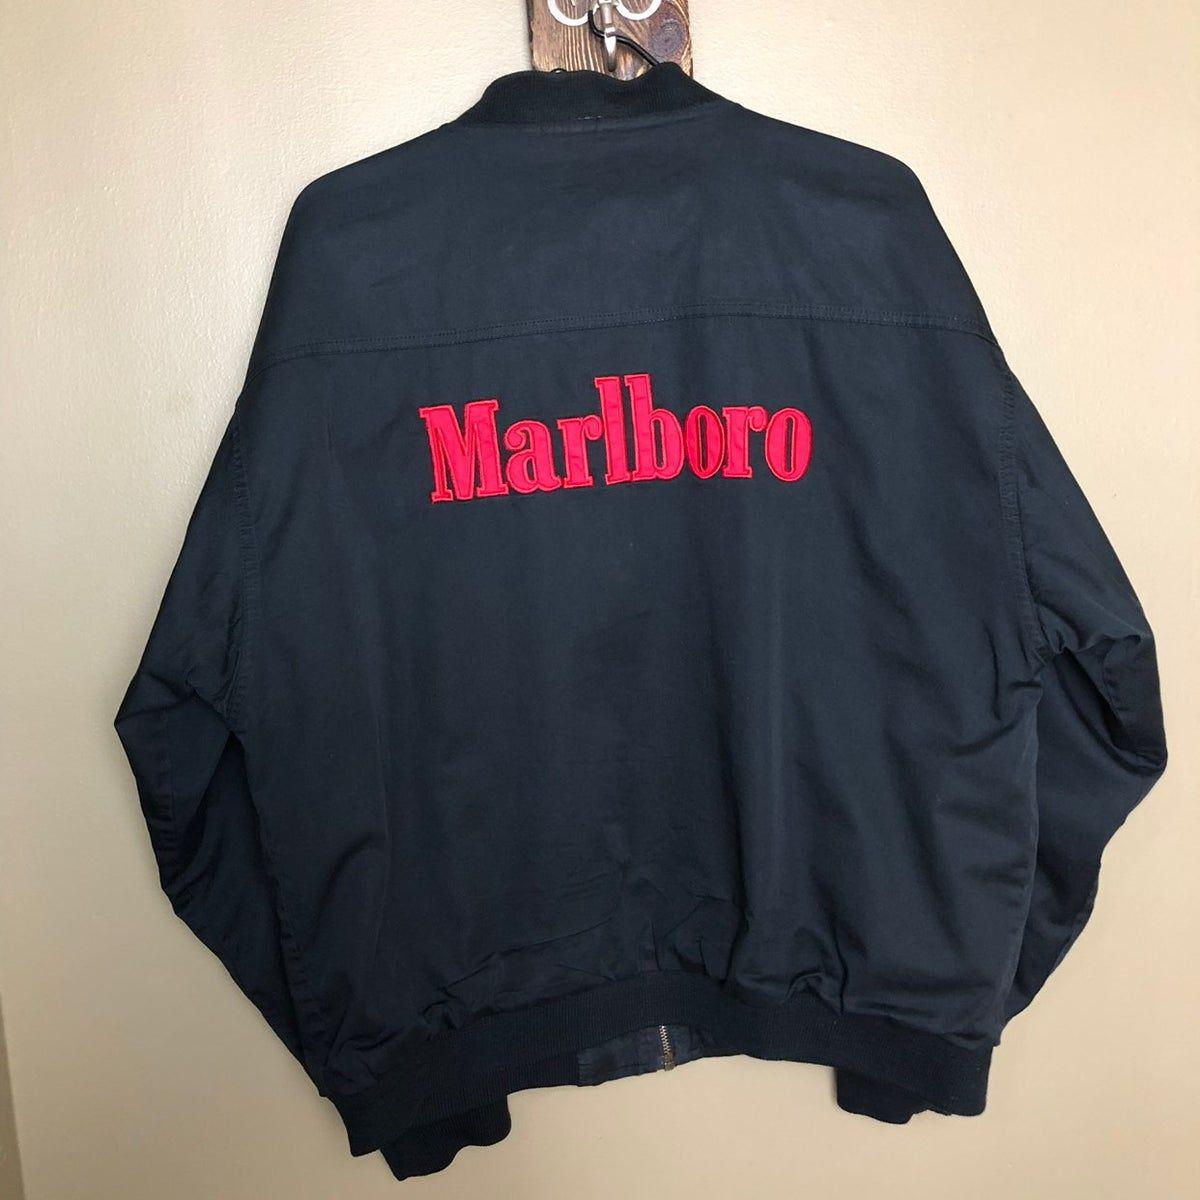 Unisex Vintage Marlboro Bomber Jacket 2x In 2020 Jackets Marlboro Jacket Reversible Jackets